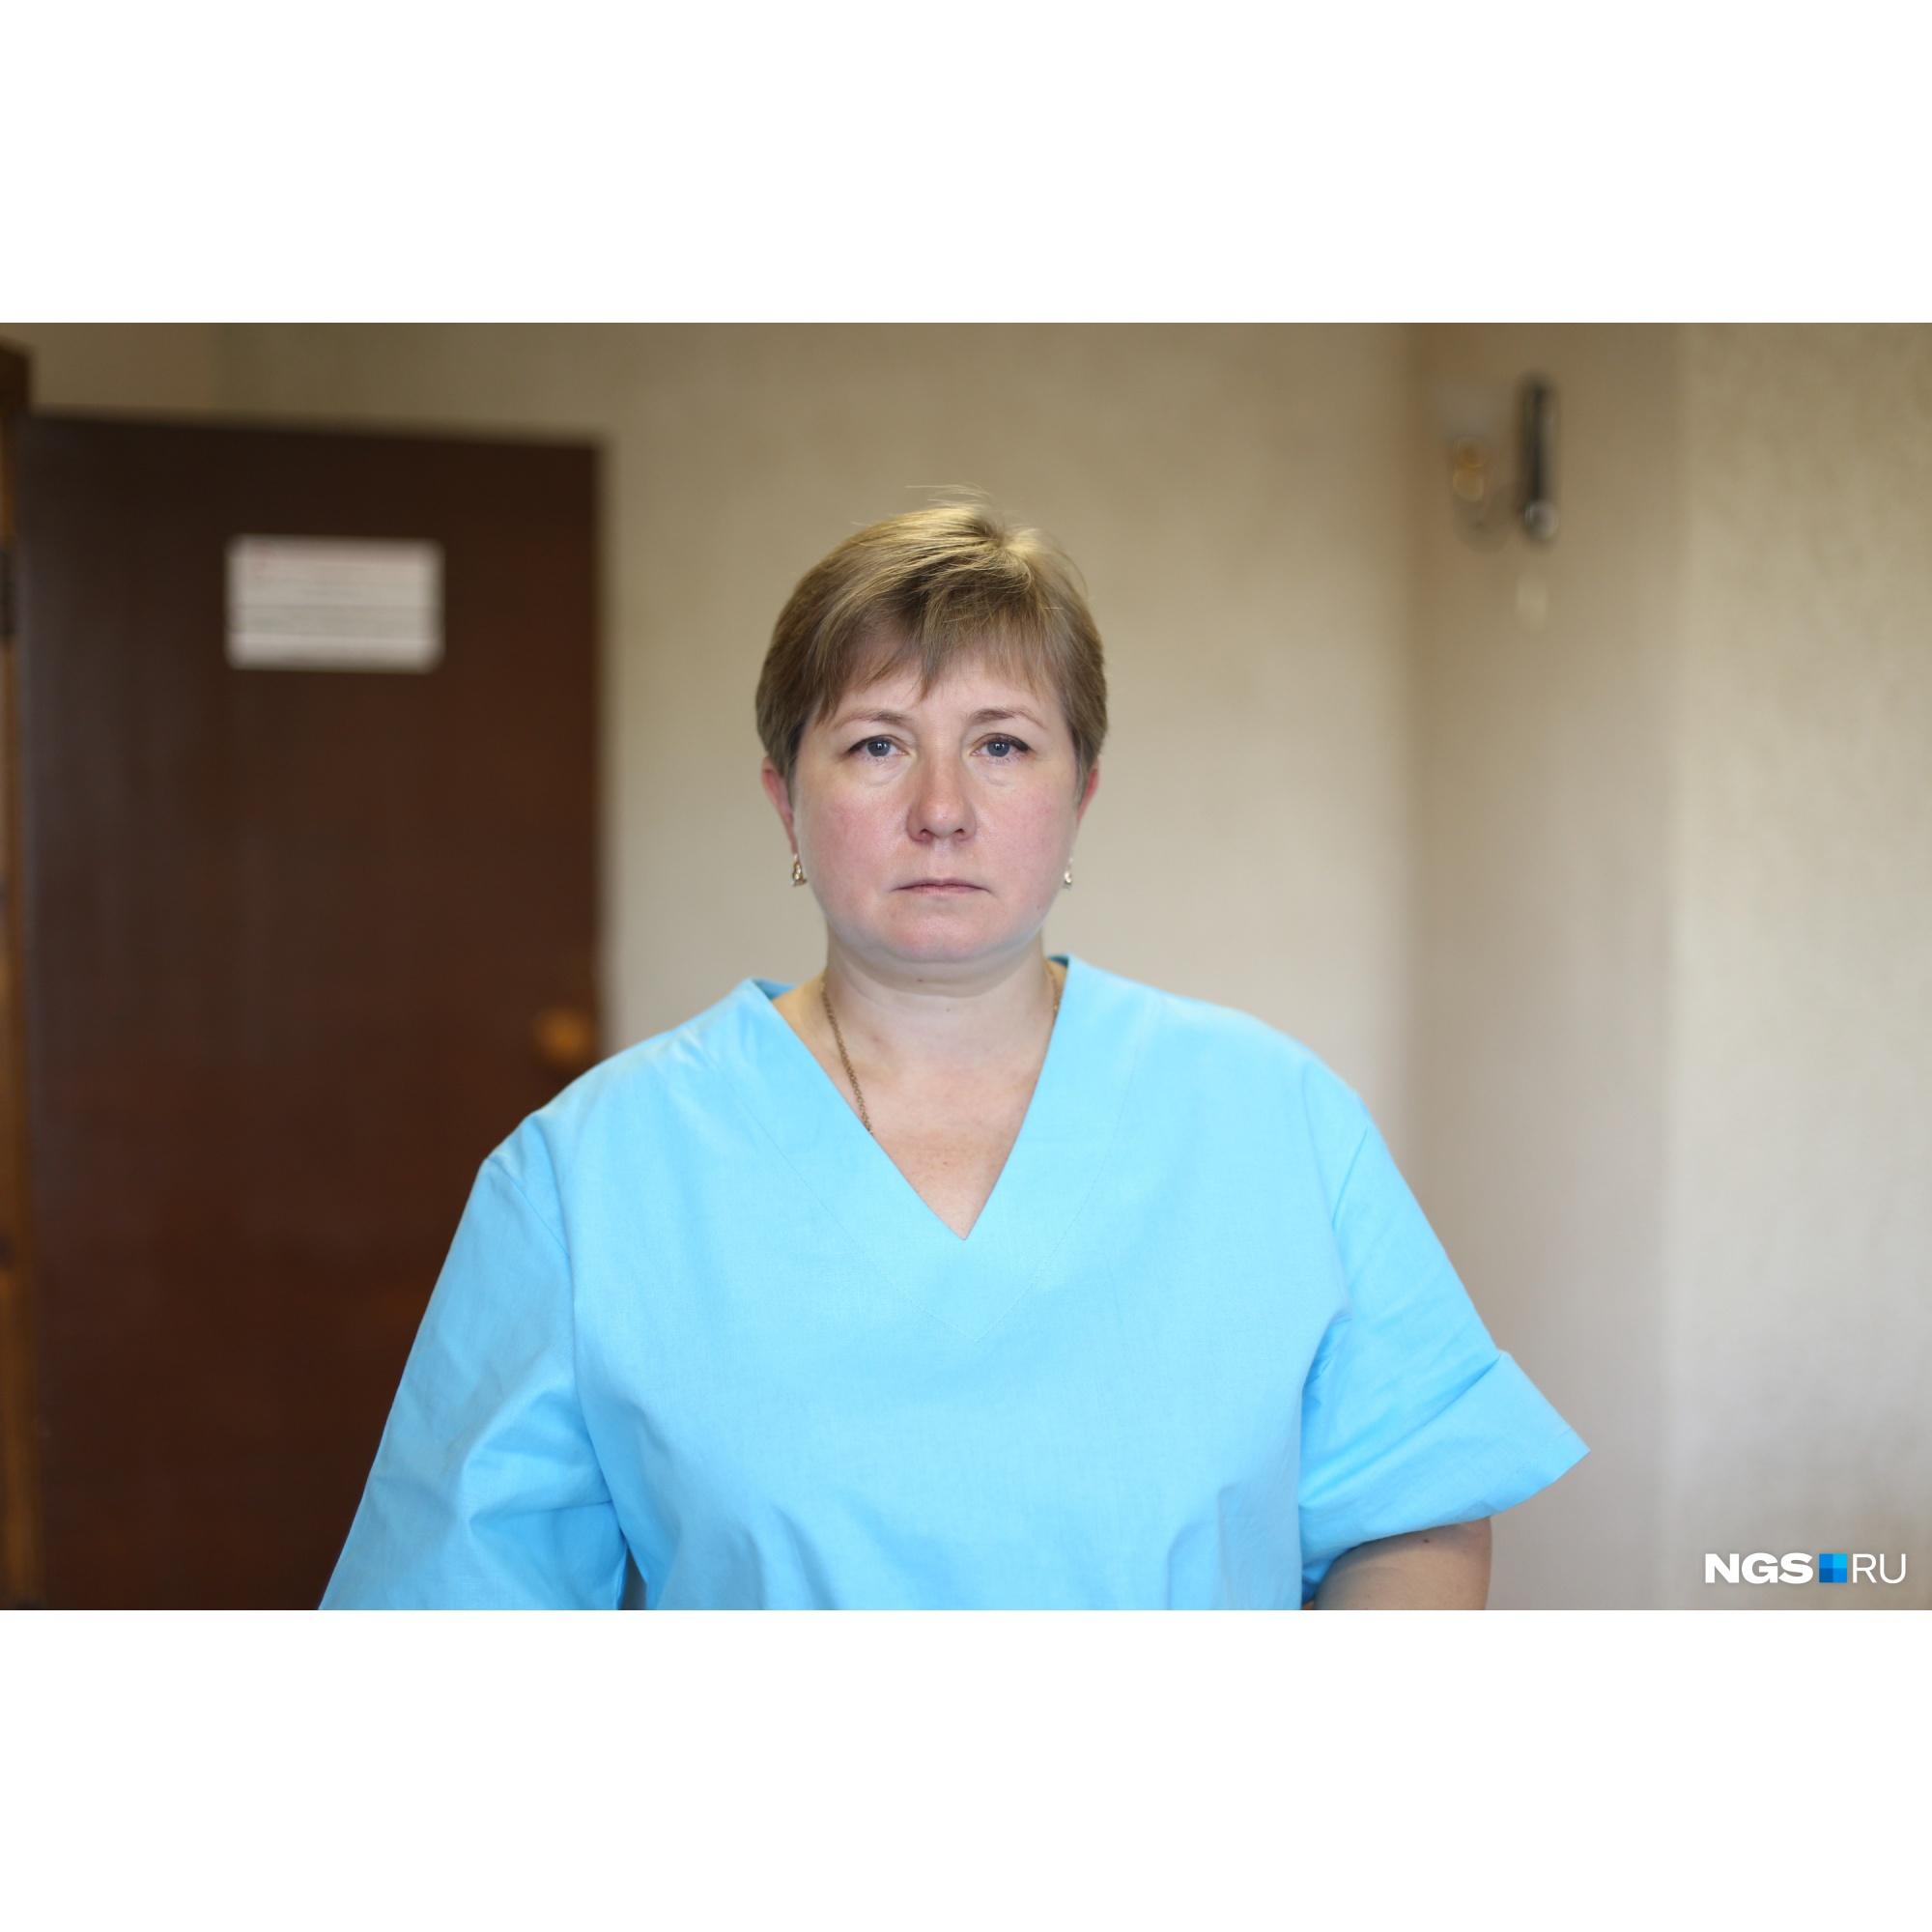 Оксана Дуничева говорит, что перечень препаратов определяет специальная комиссия